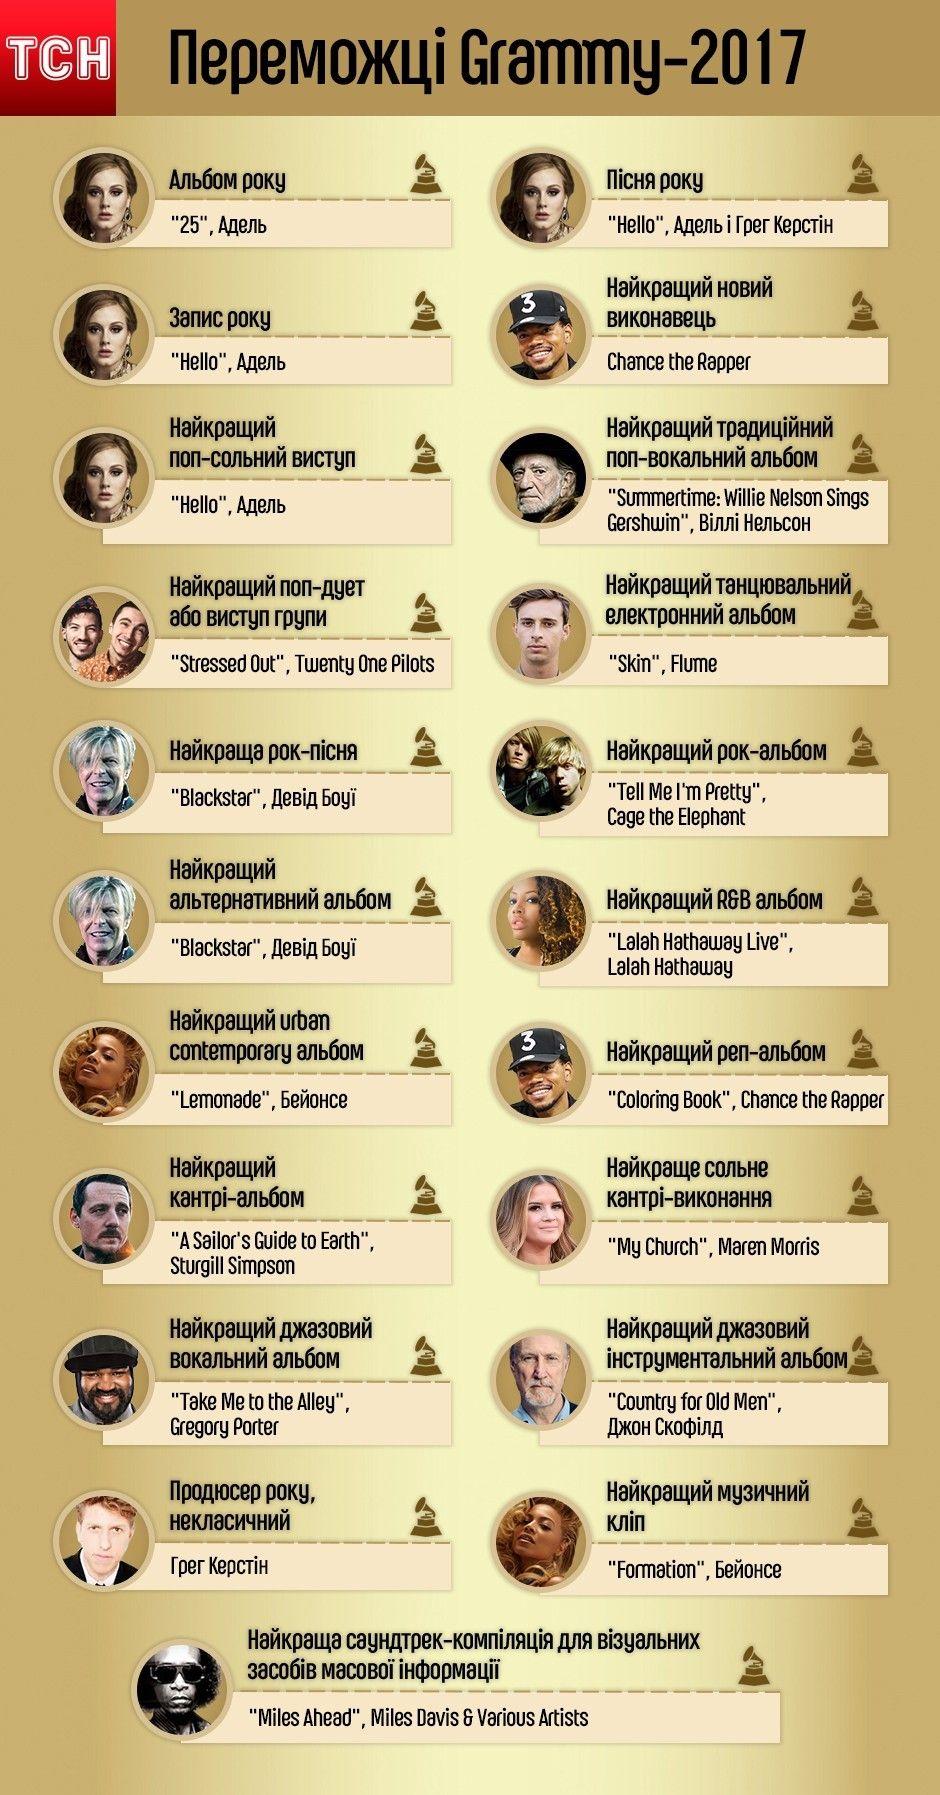 переможці Греммі 2017, інфографіка